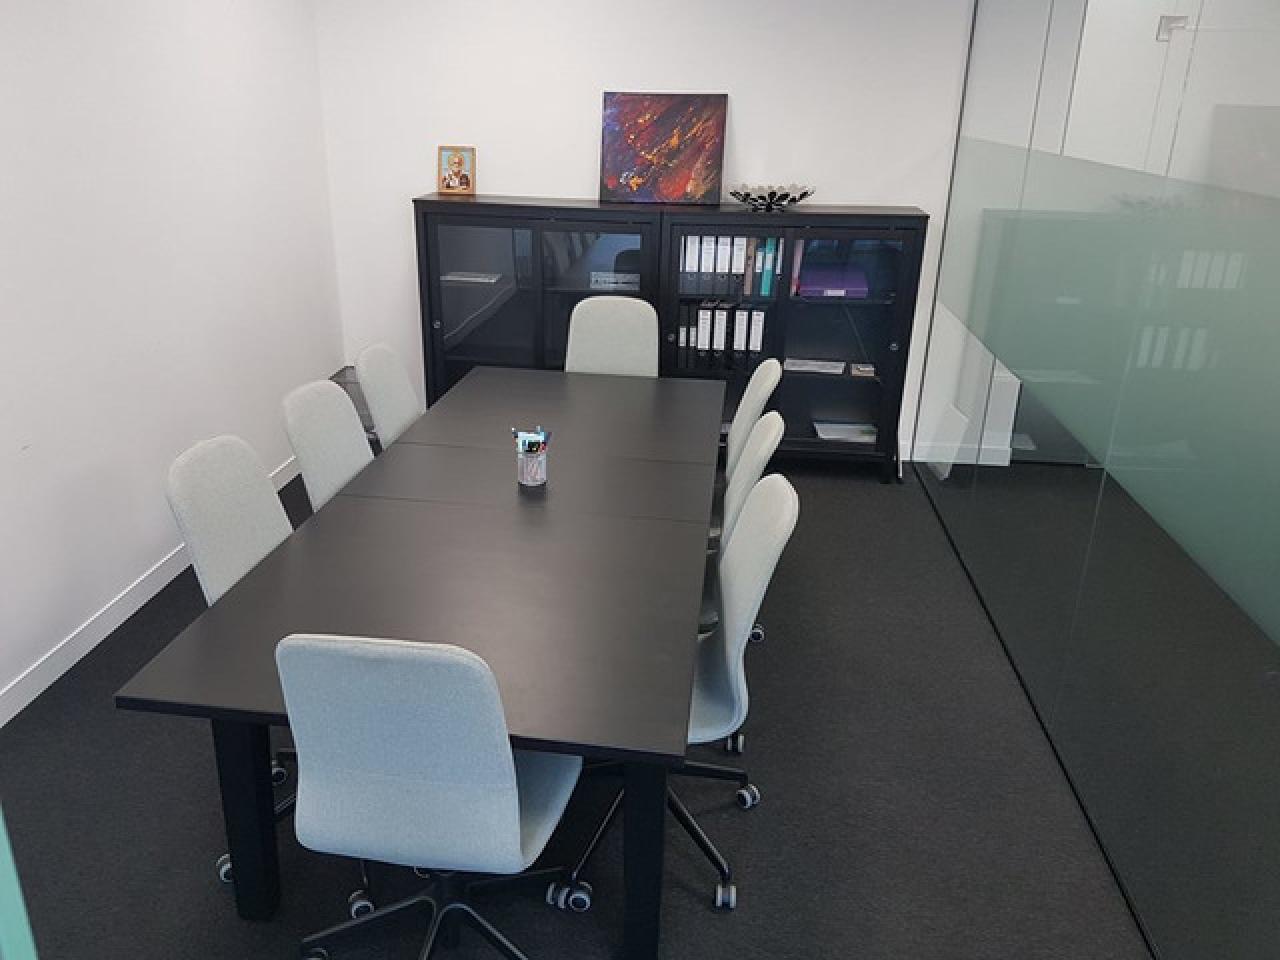 Сдается рабочее место или часть офиса с доступом в Meeting room. - 3/7